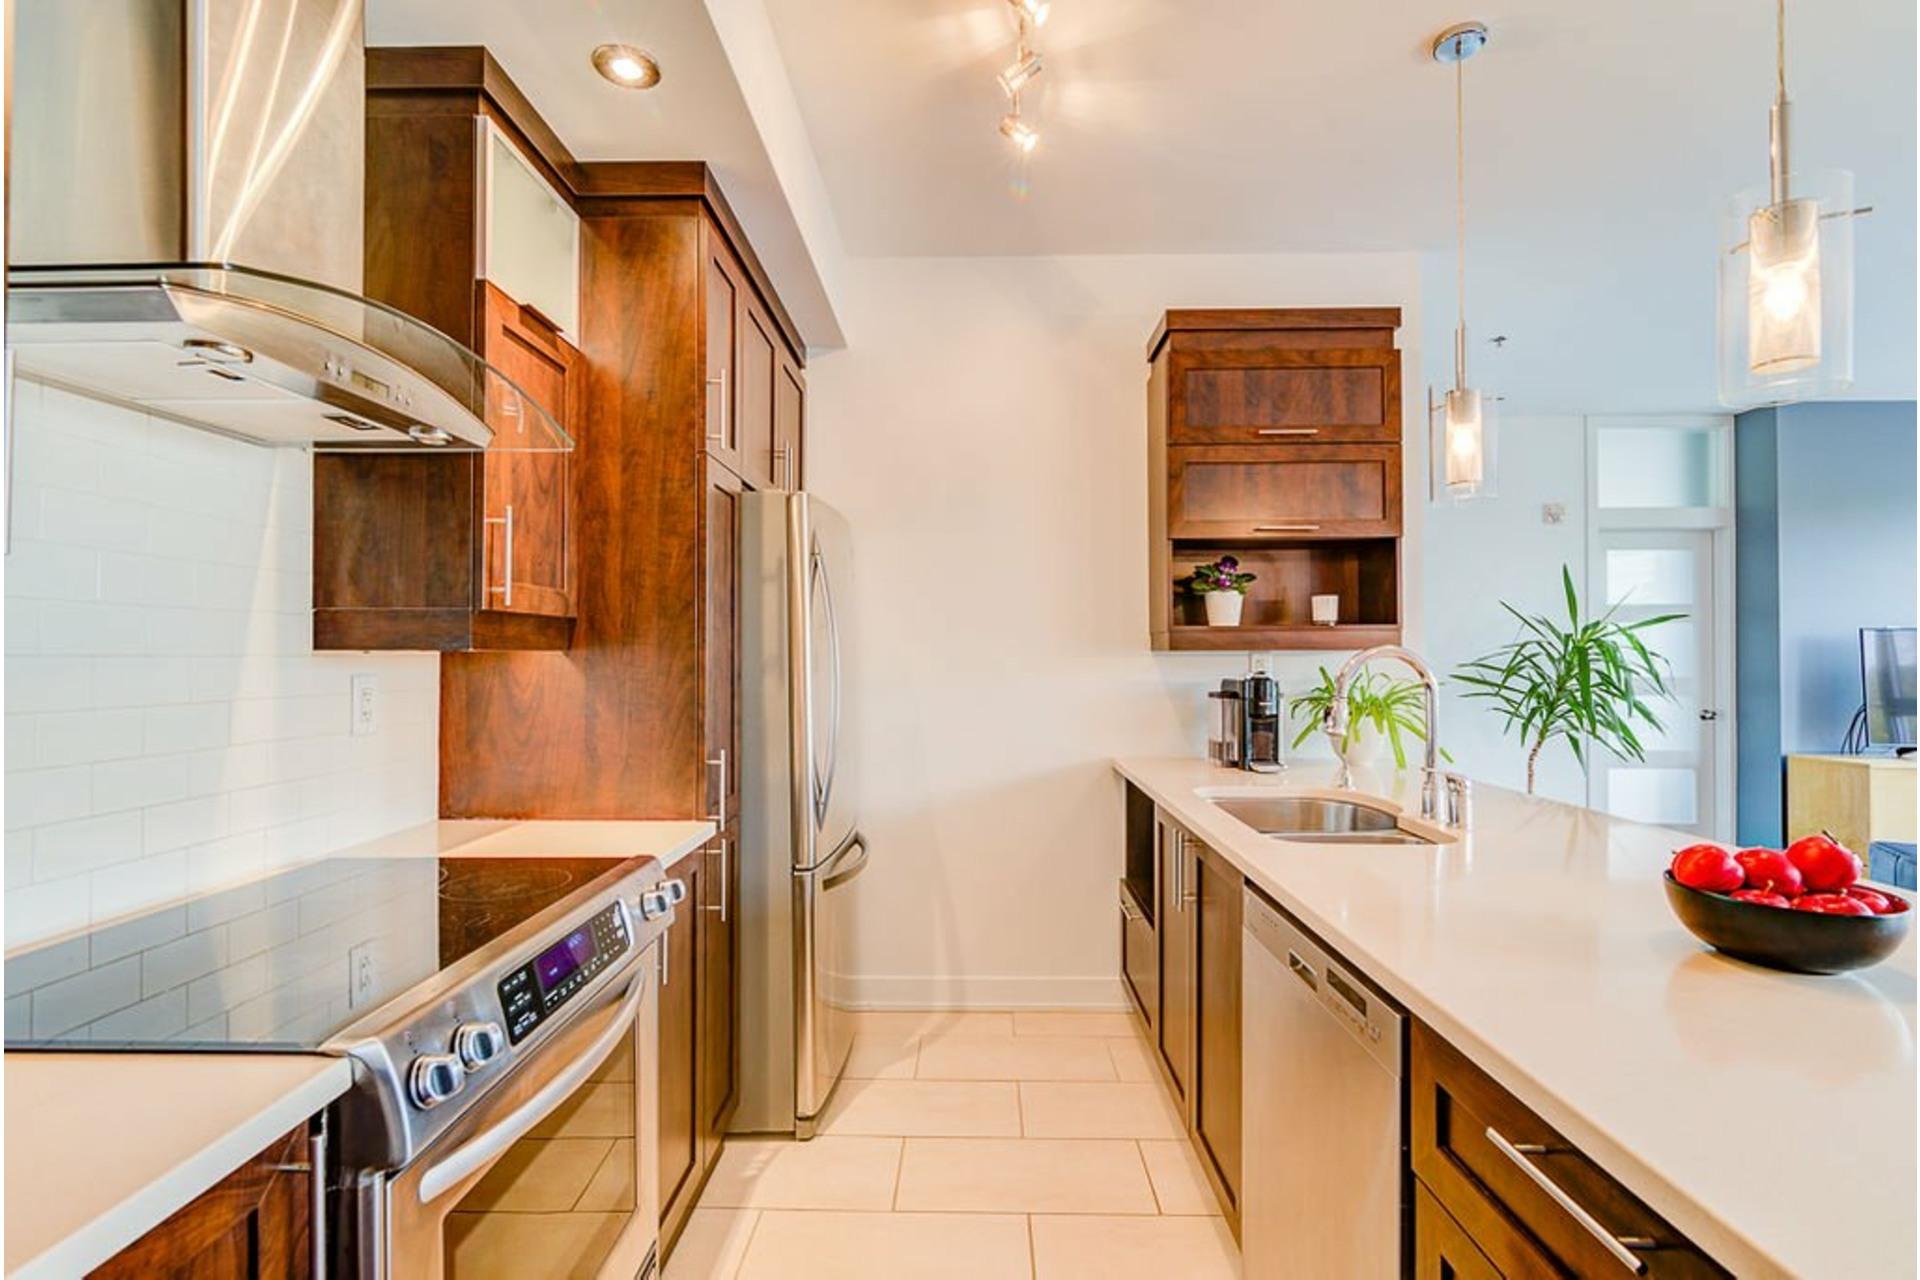 image 18 - Appartement À vendre Villeray/Saint-Michel/Parc-Extension Montréal  - 6 pièces